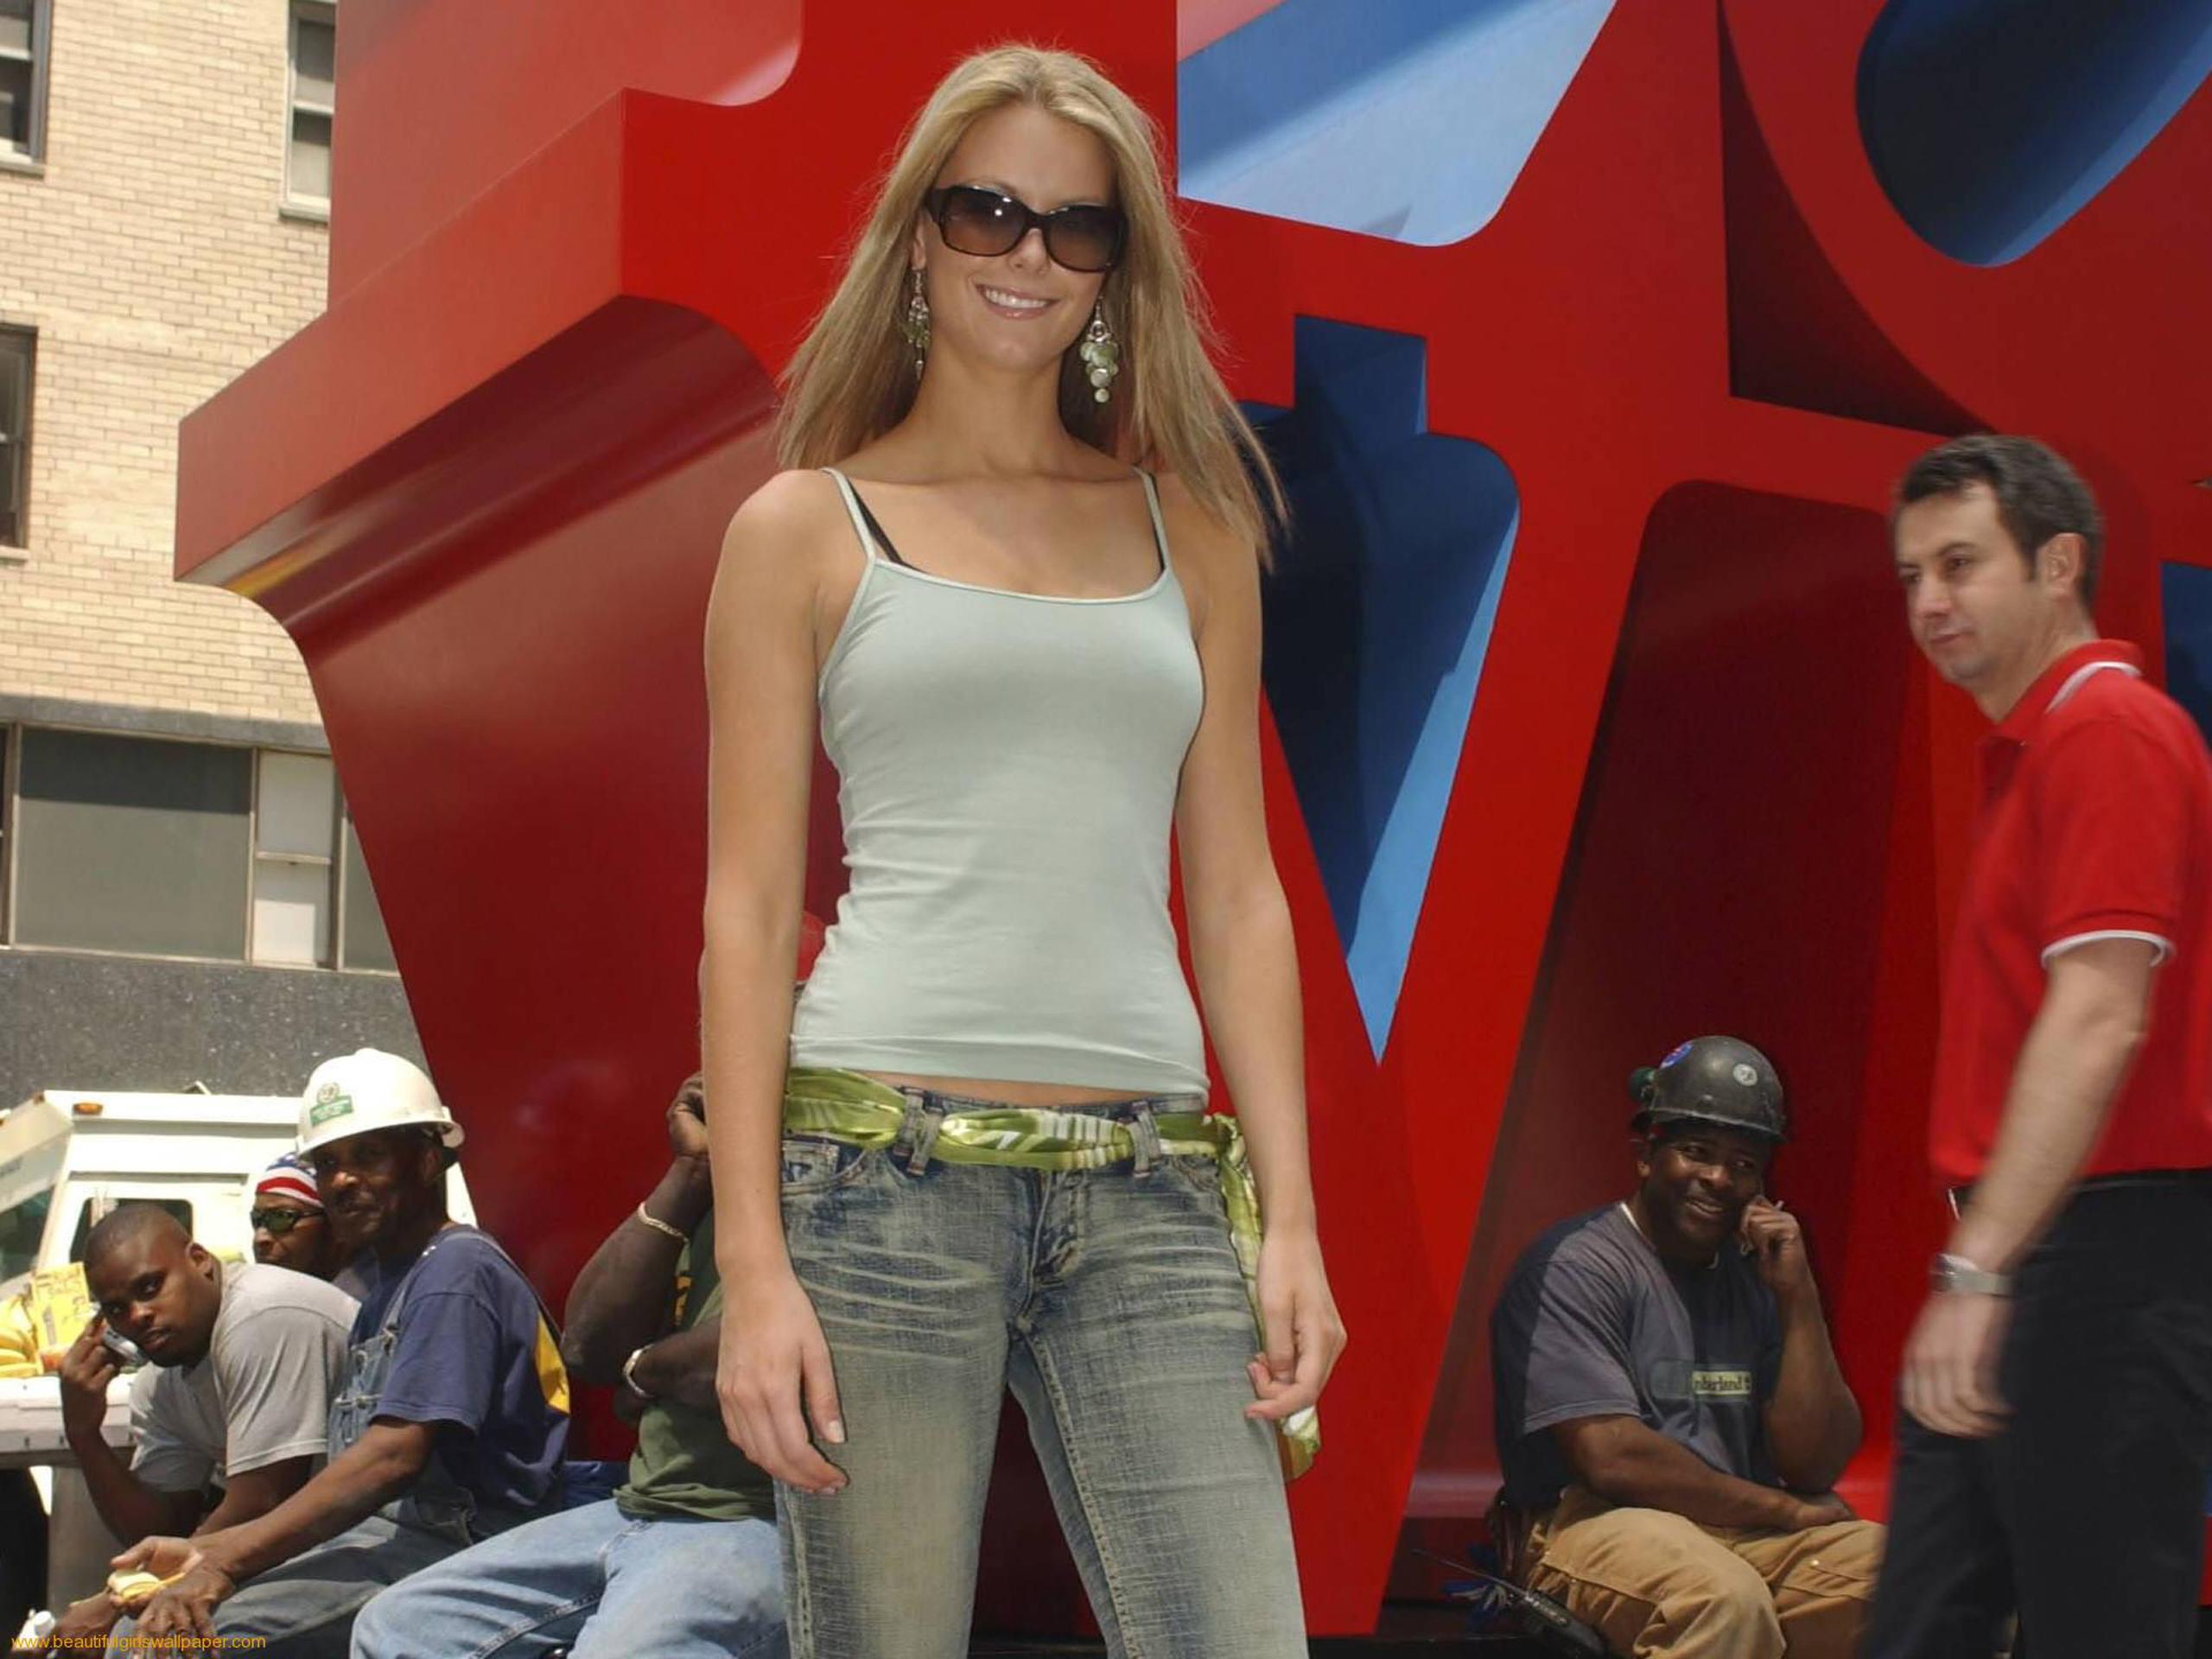 В джинсах красотка